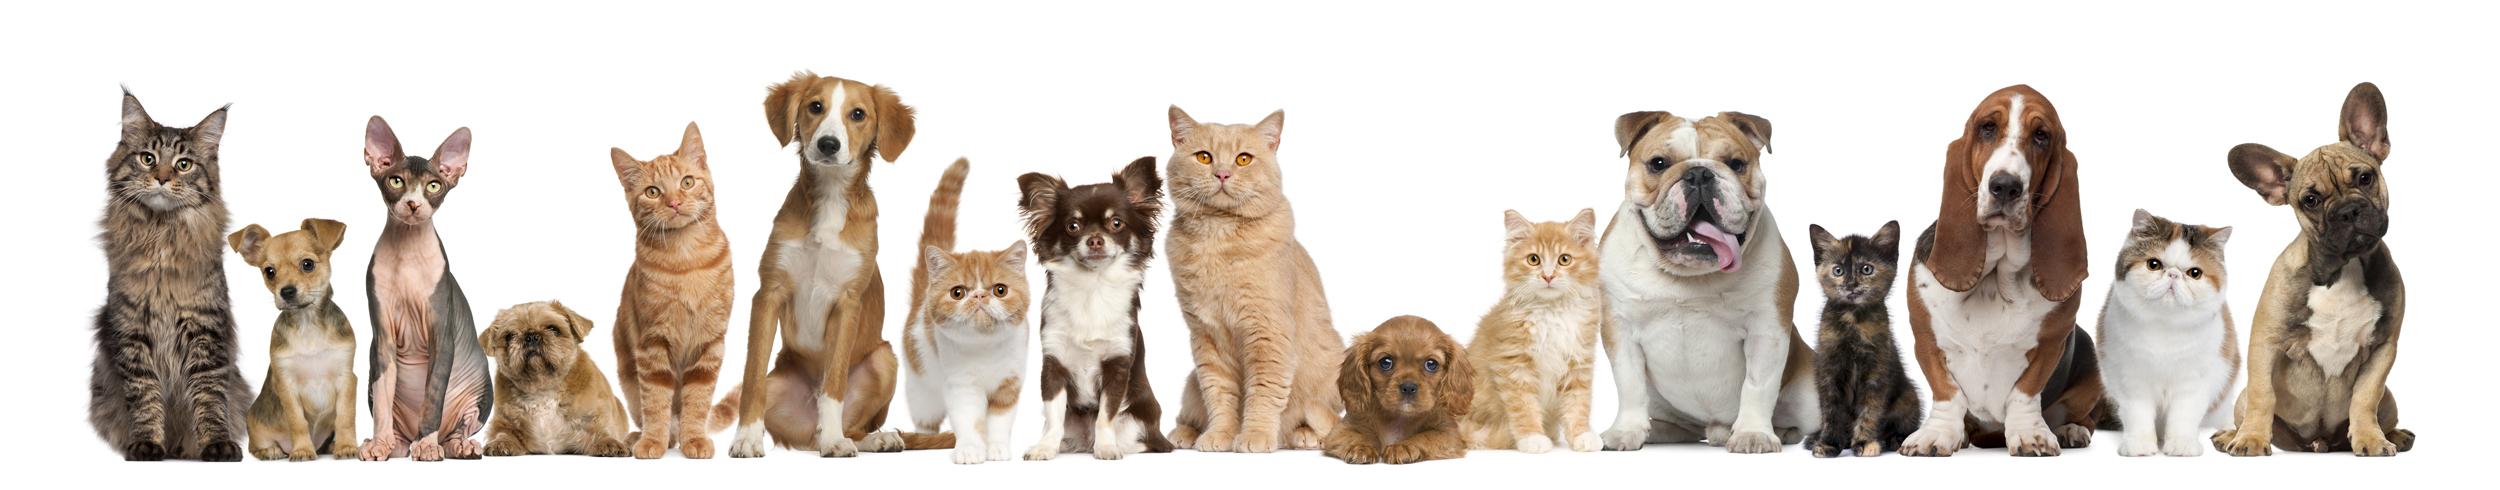 Skupina psů a koček před bílým pozadím